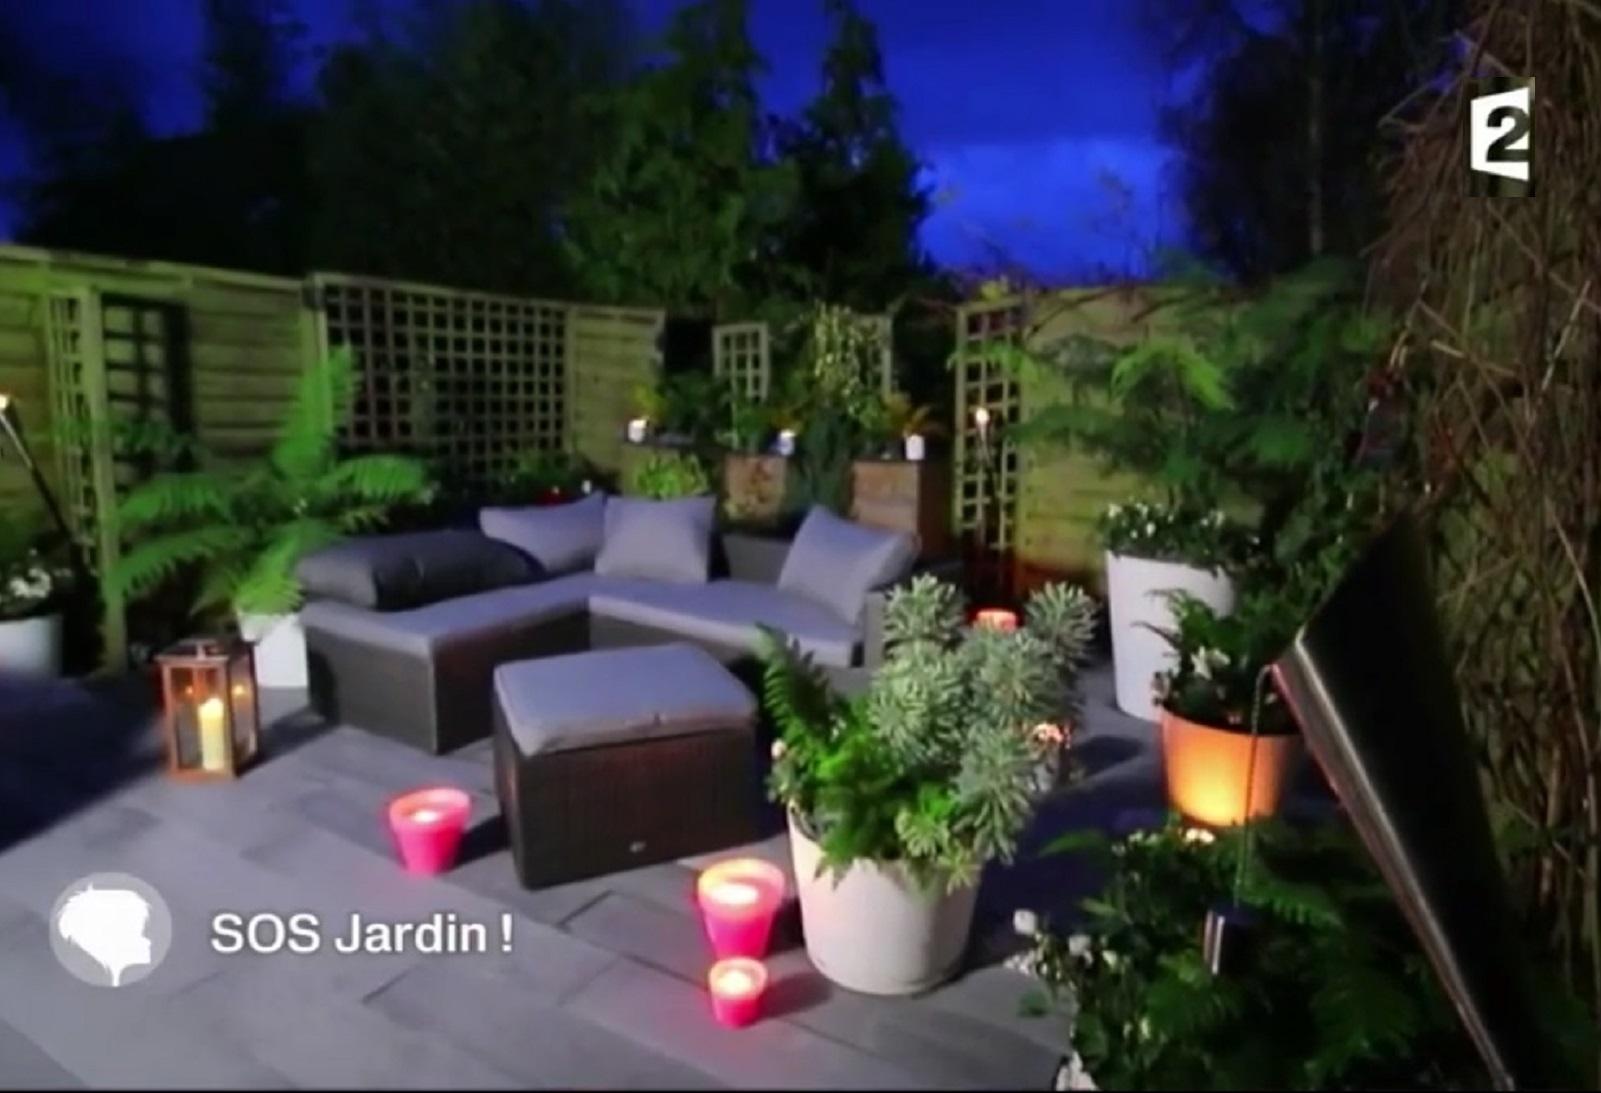 Notre mobilier de jardin la t l vision nouveau d fi le blog - Mobilier de jardin tresse colombes ...